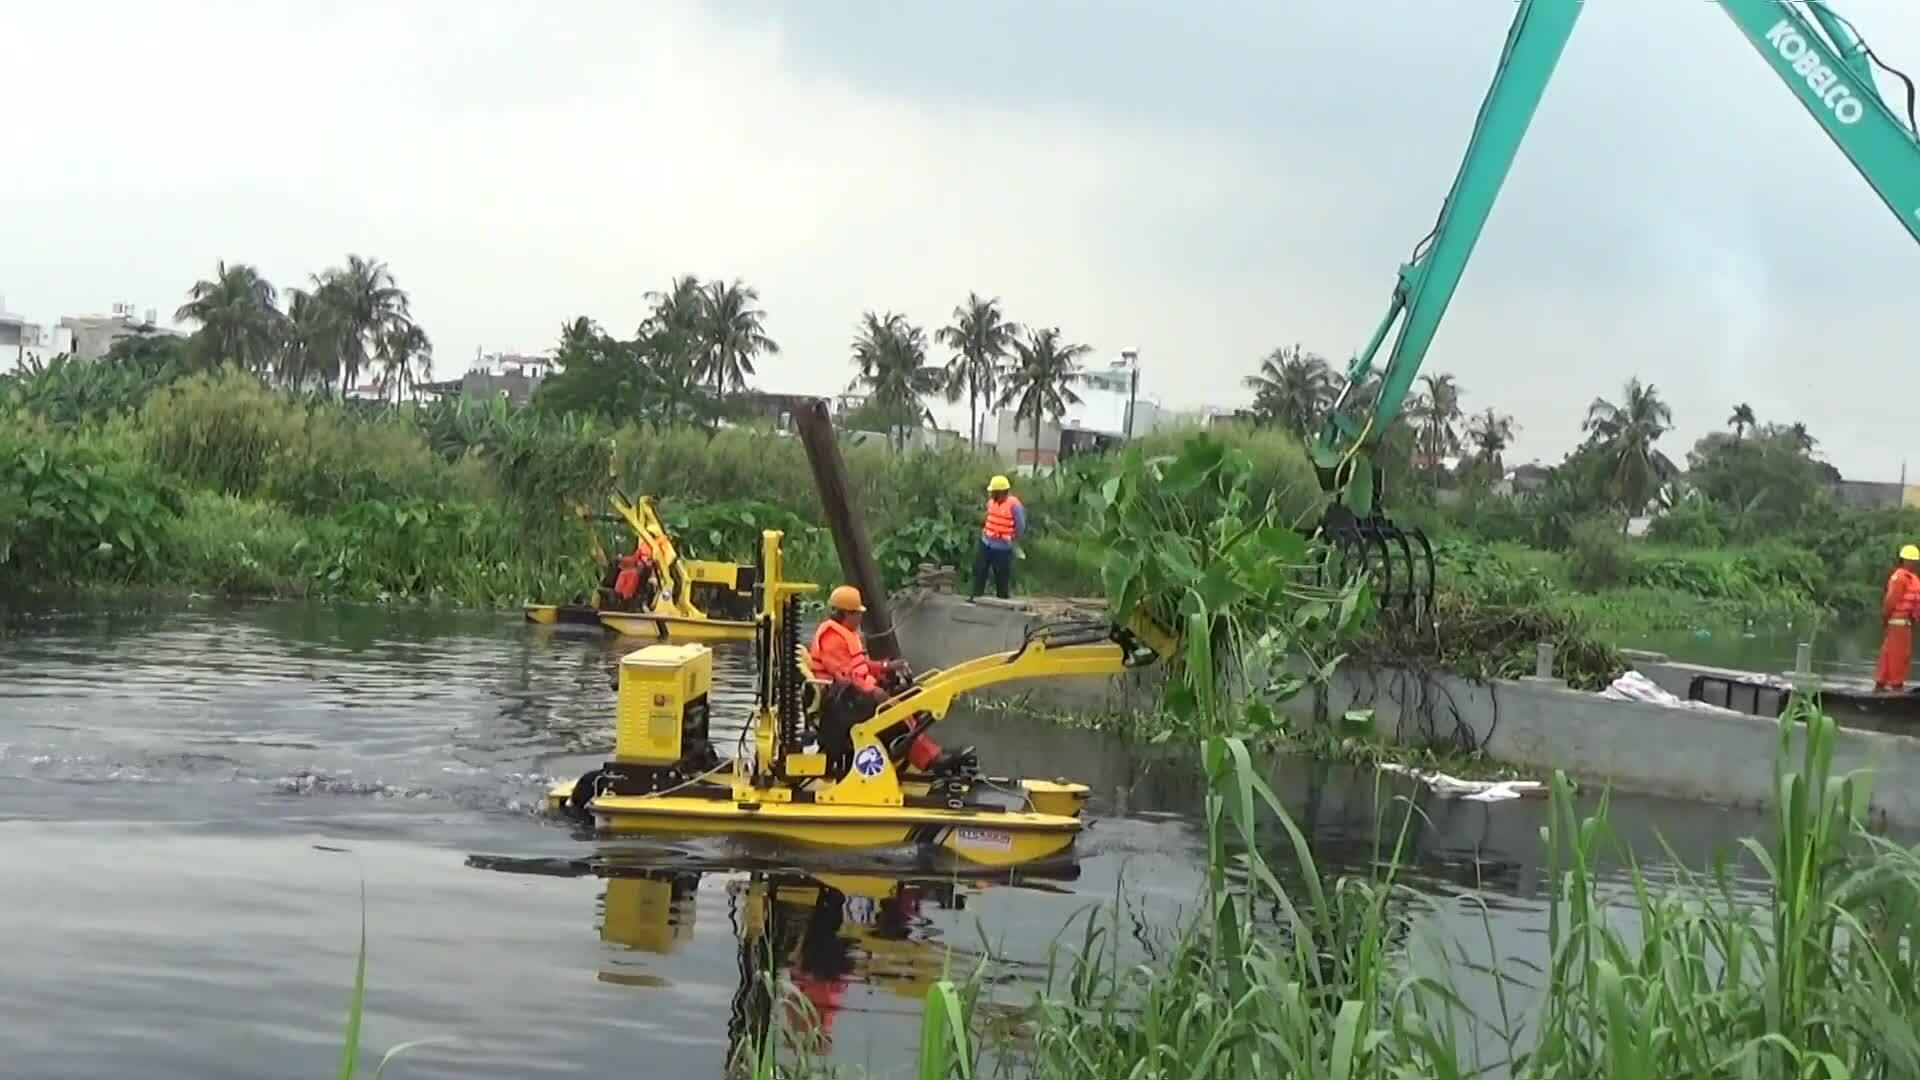 Máy vớt rác 20 tỷ đồng trên kênh Sài Gòn